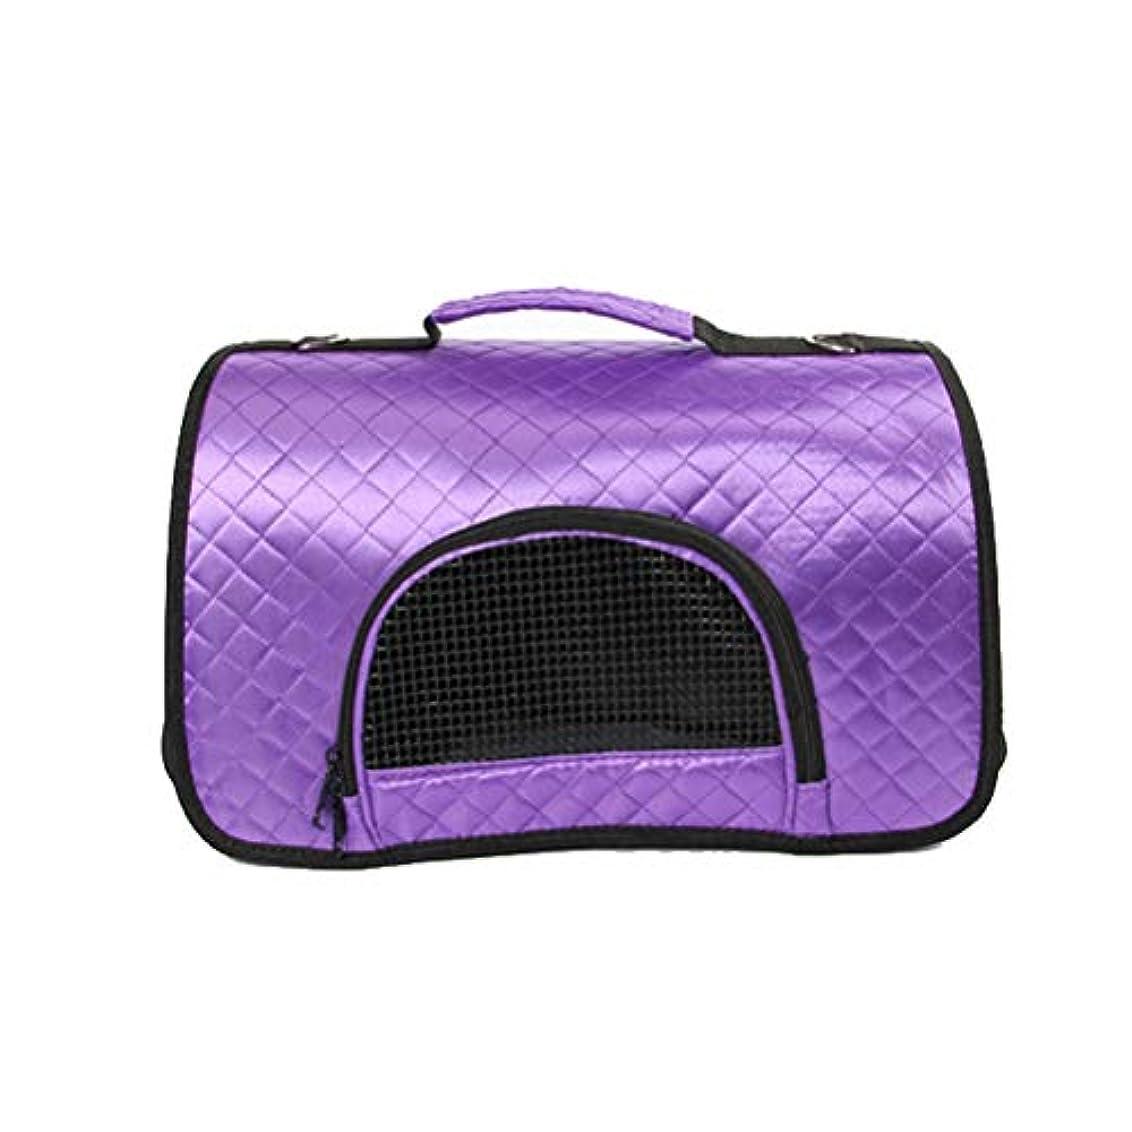 追記頭痛ジャーナリストペットキャリア - 小型犬の猫のペットキャリヤバッグのための動物のバッグ安全なリバーシブル快適な (色 : Purple, サイズ さいず : M)